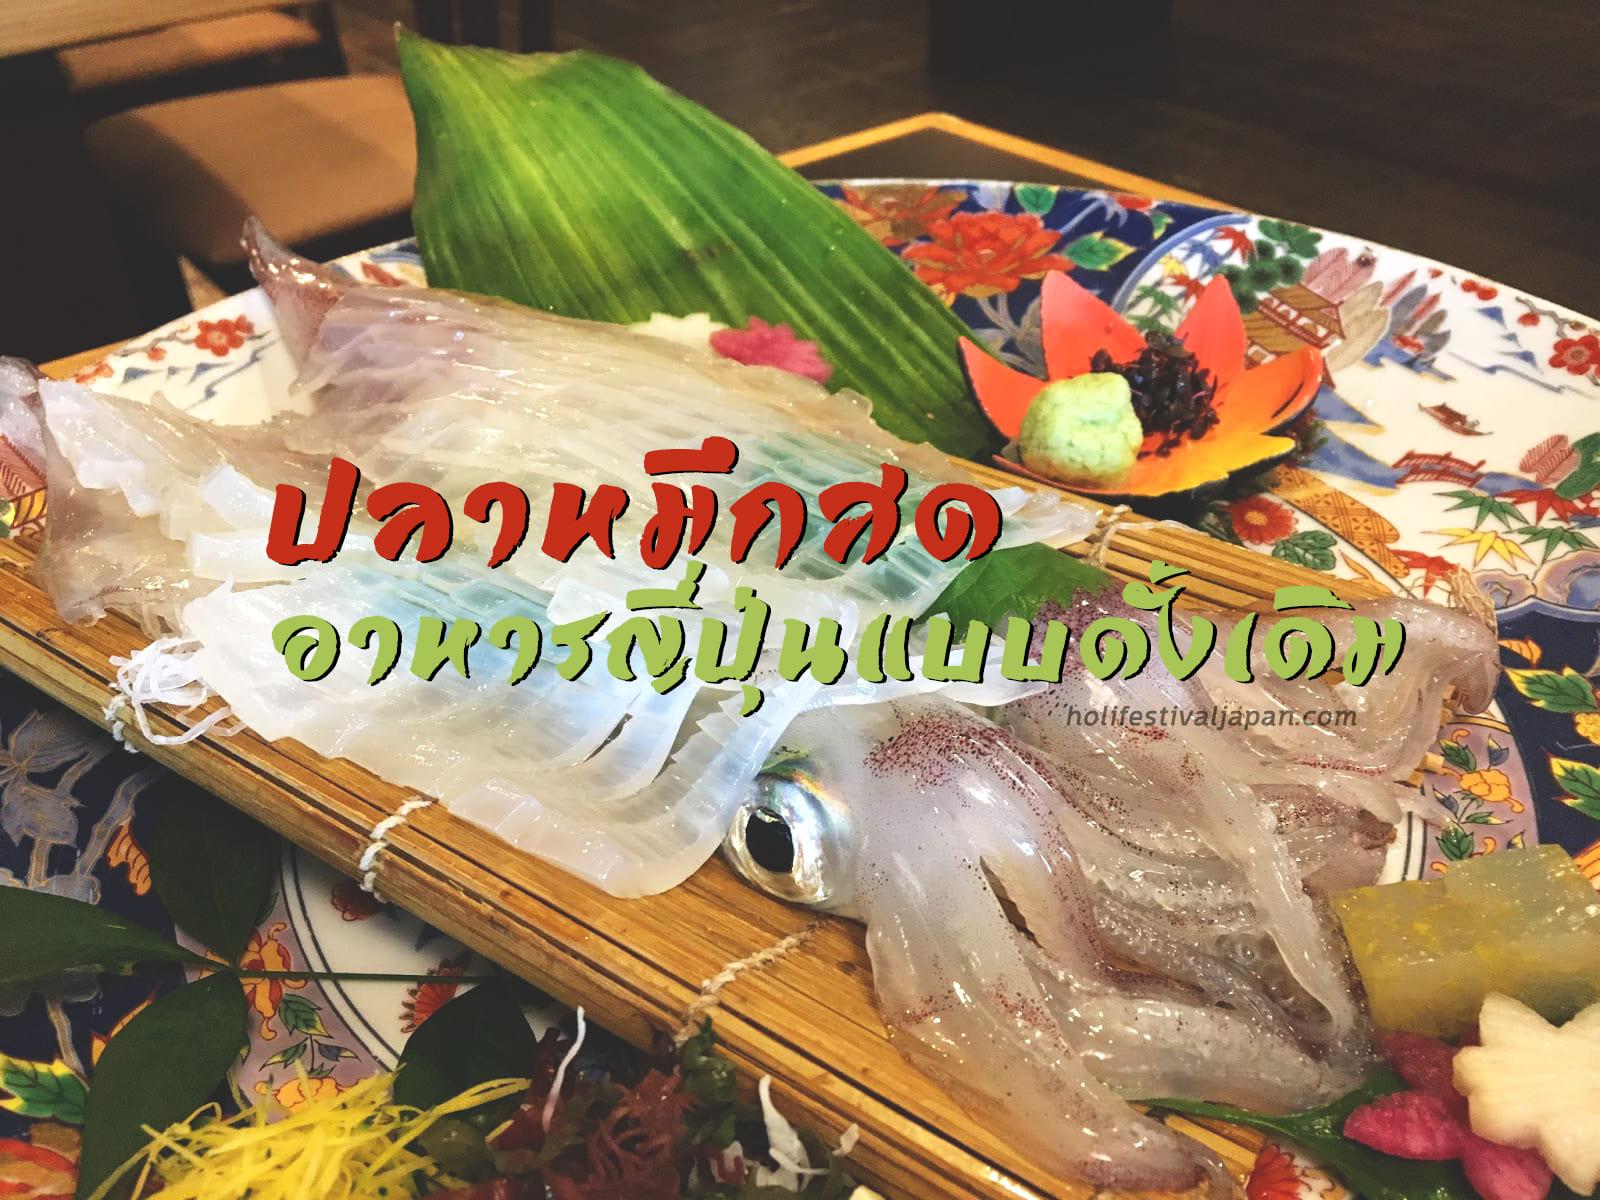 ปลาหมึกสด อาหารญี่ปุ่นแบบดั้งเดิม